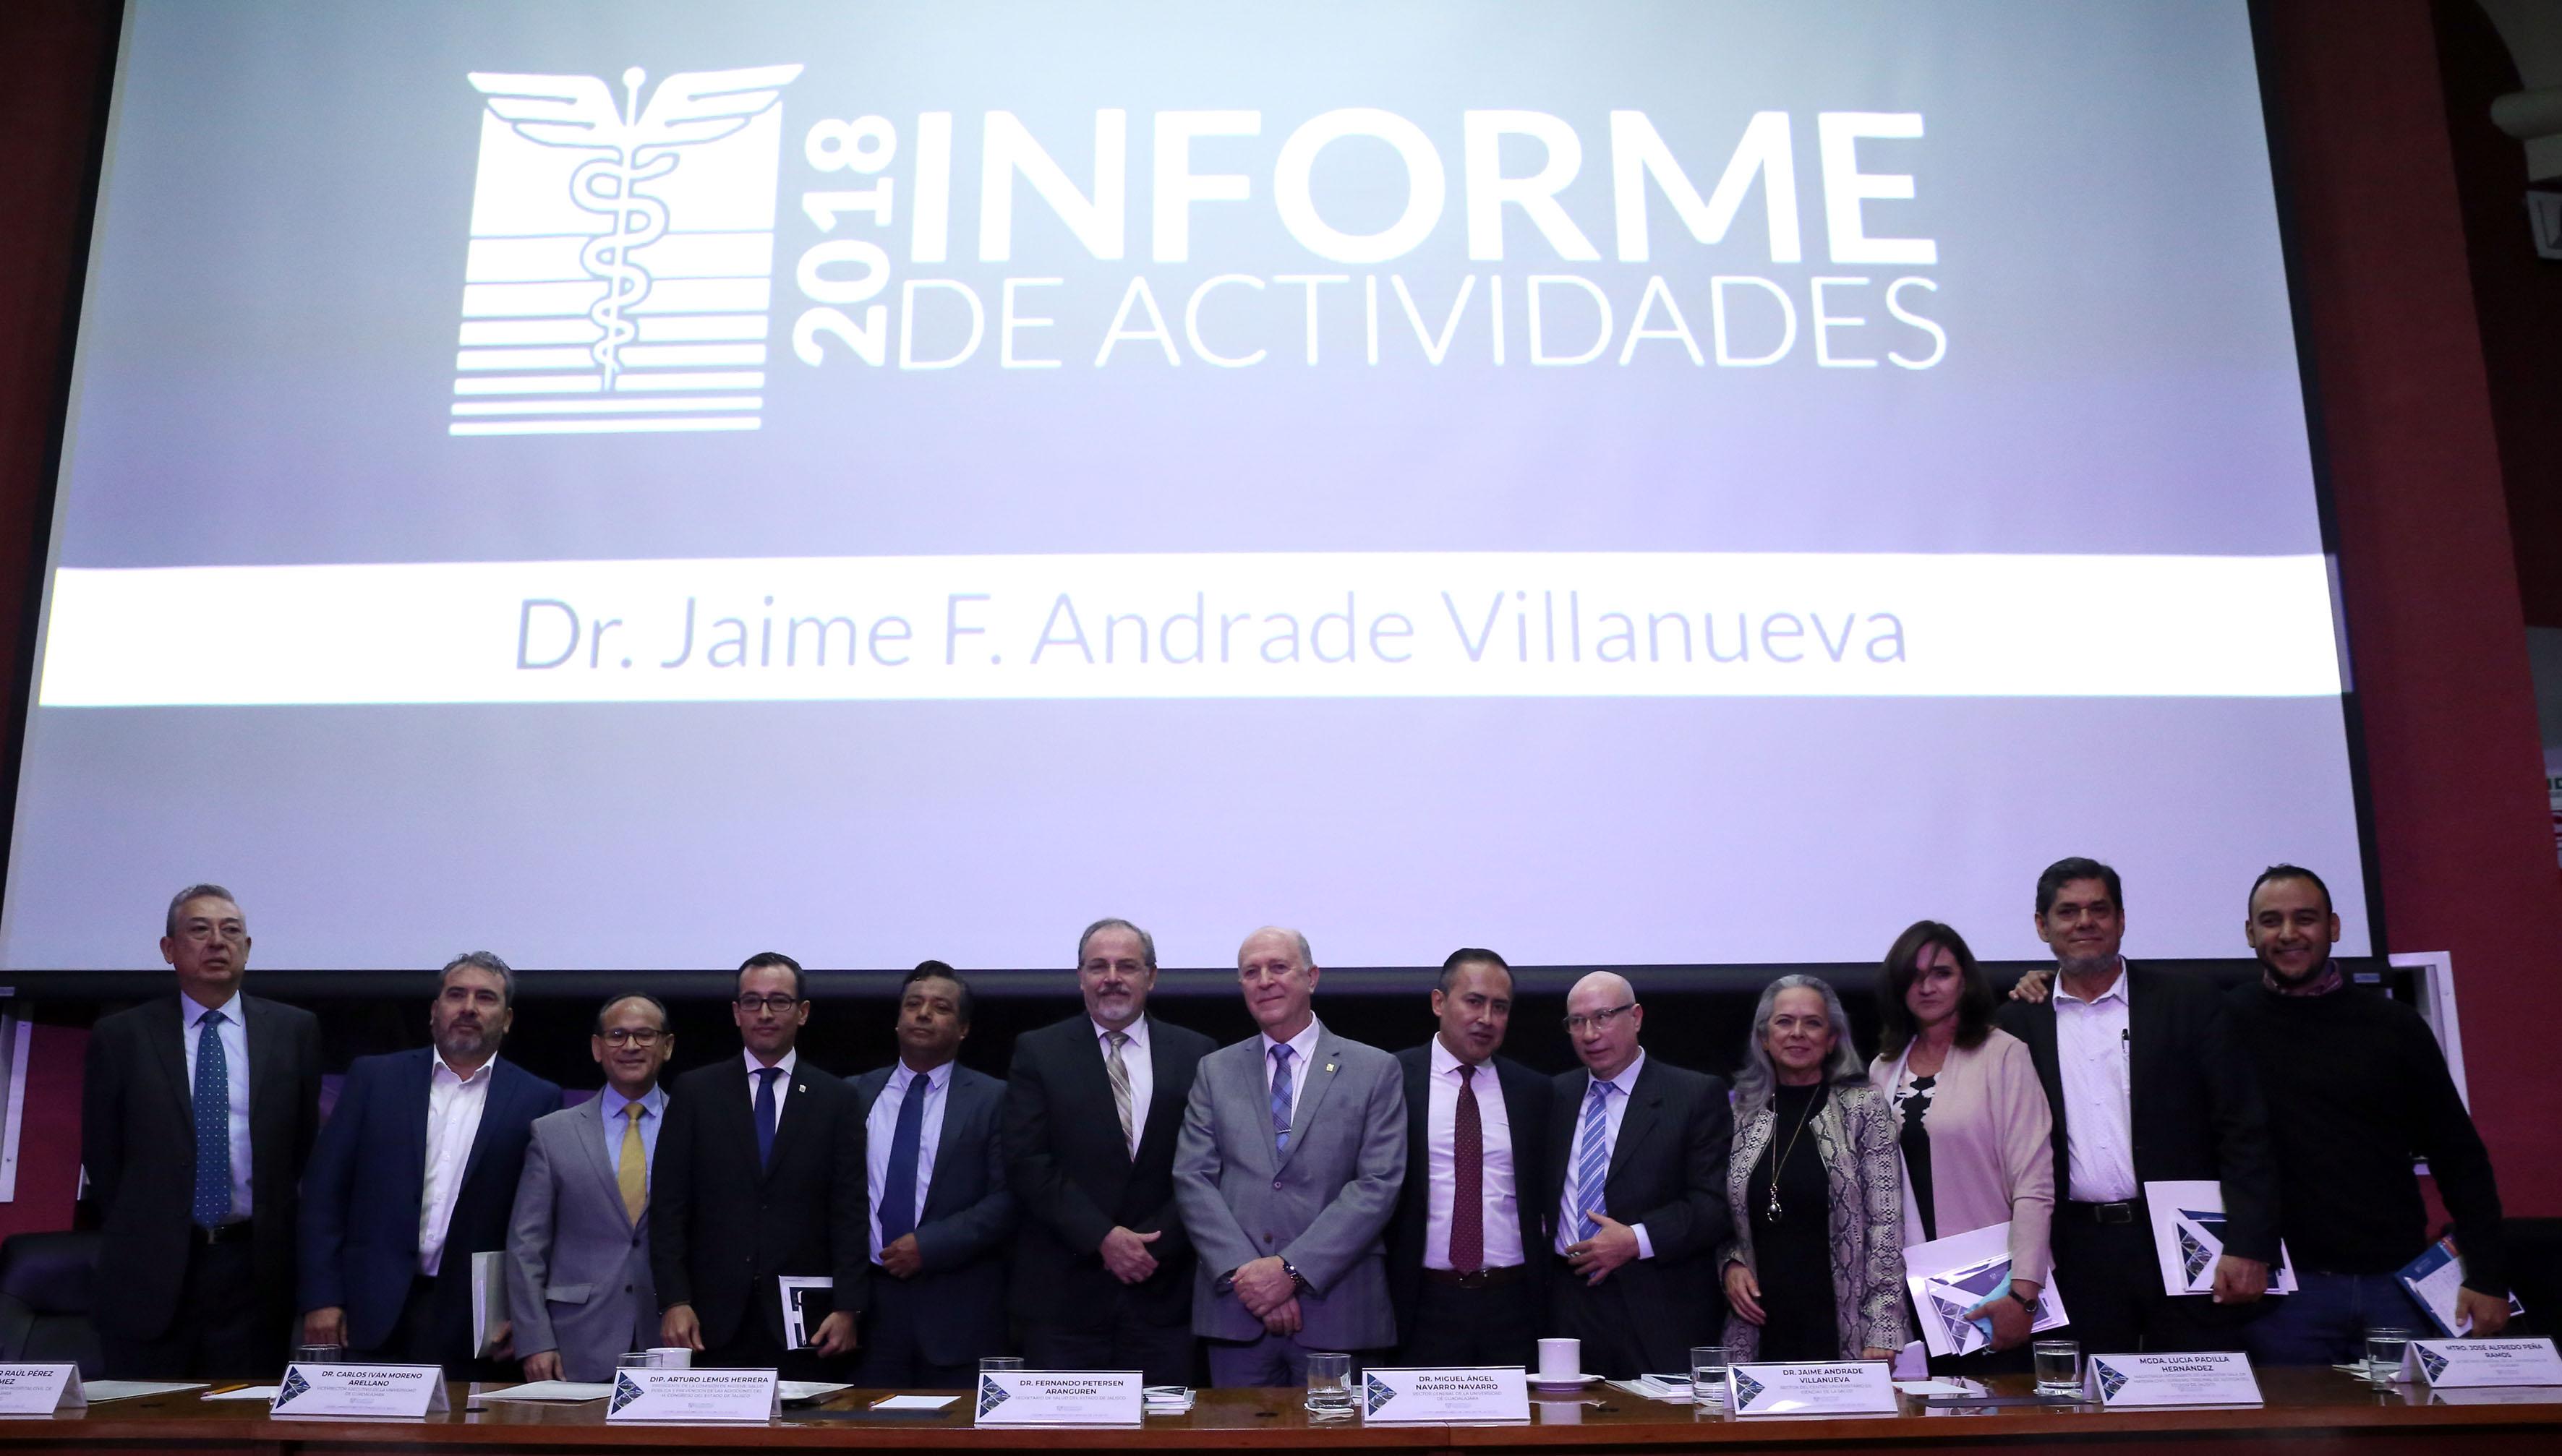 Vista general de los miembros del presídium, al fondo la imagen del Informe del Actividades